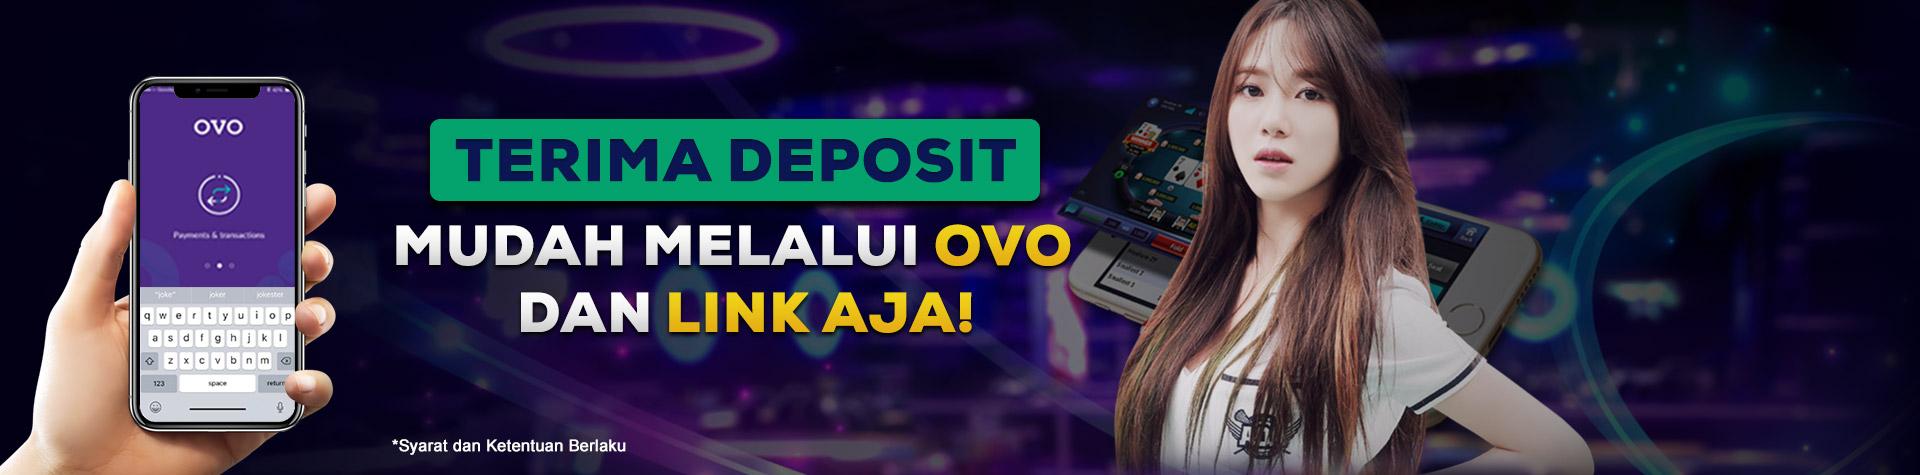 Pembayaran Depobola menggunakan Ovo